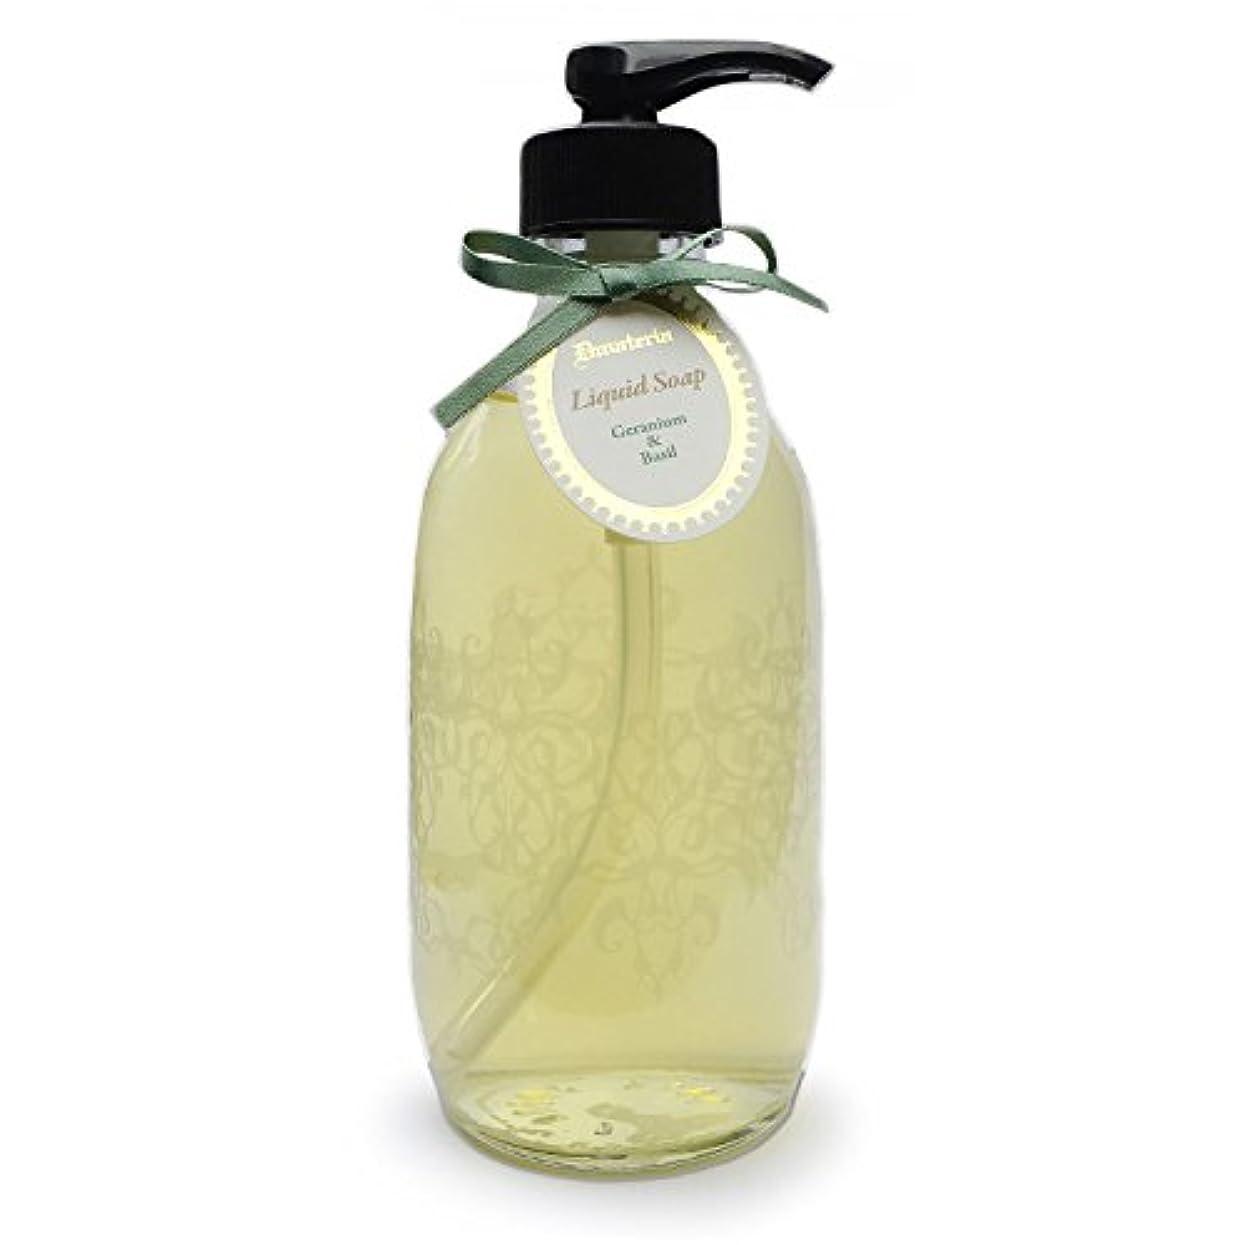 騙す自動化足首D materia リキッドソープ ゼラニウム&バジル Geranium&Basil Liquid Soap ディーマテリア